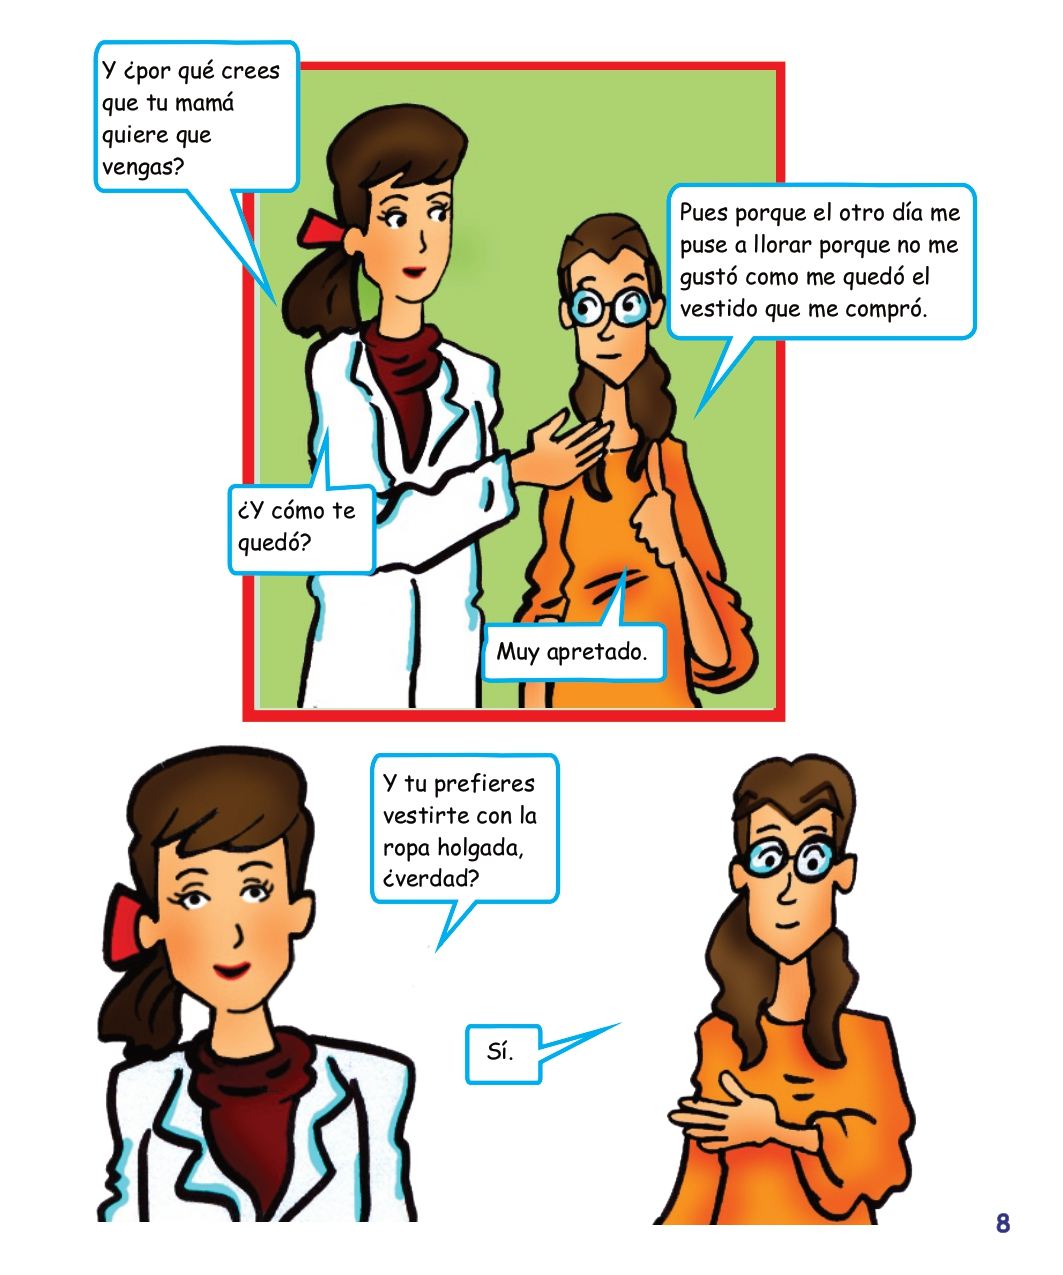 Psicología adolescentes Reyhan cap2 digital_page-0011